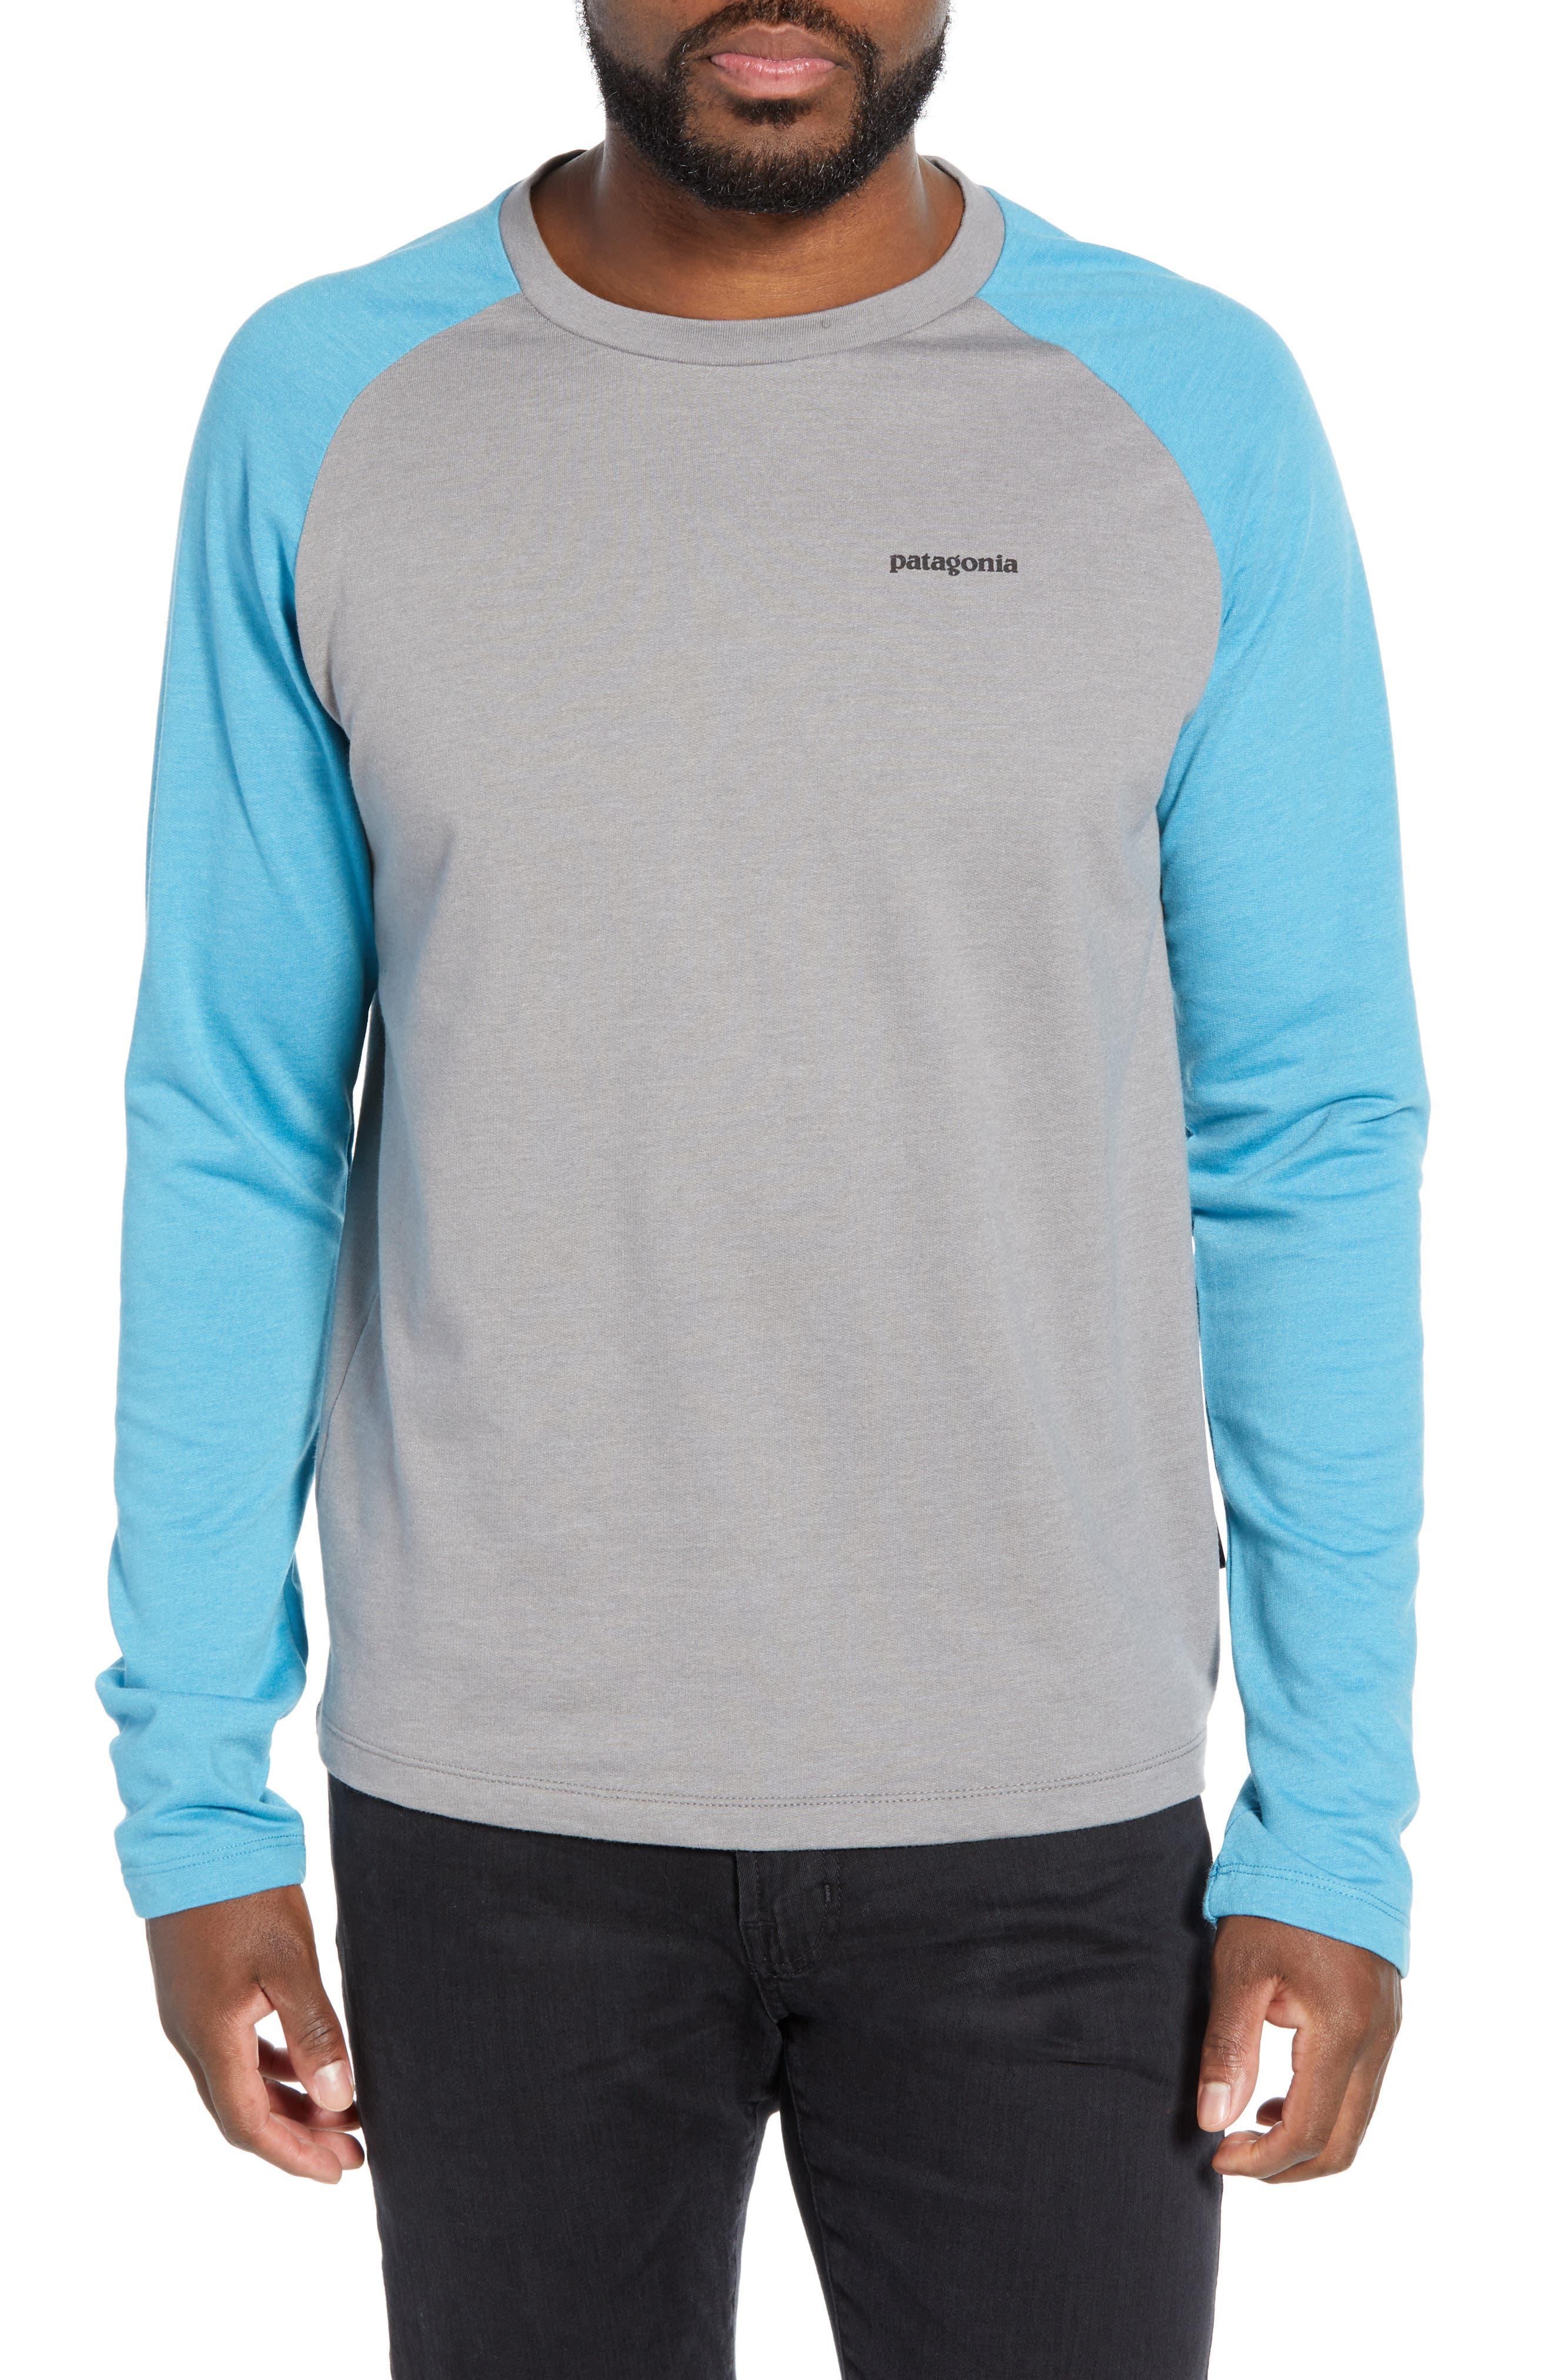 Patagonia P-6 Logo Regular Fit Lightweight Sweatshirt